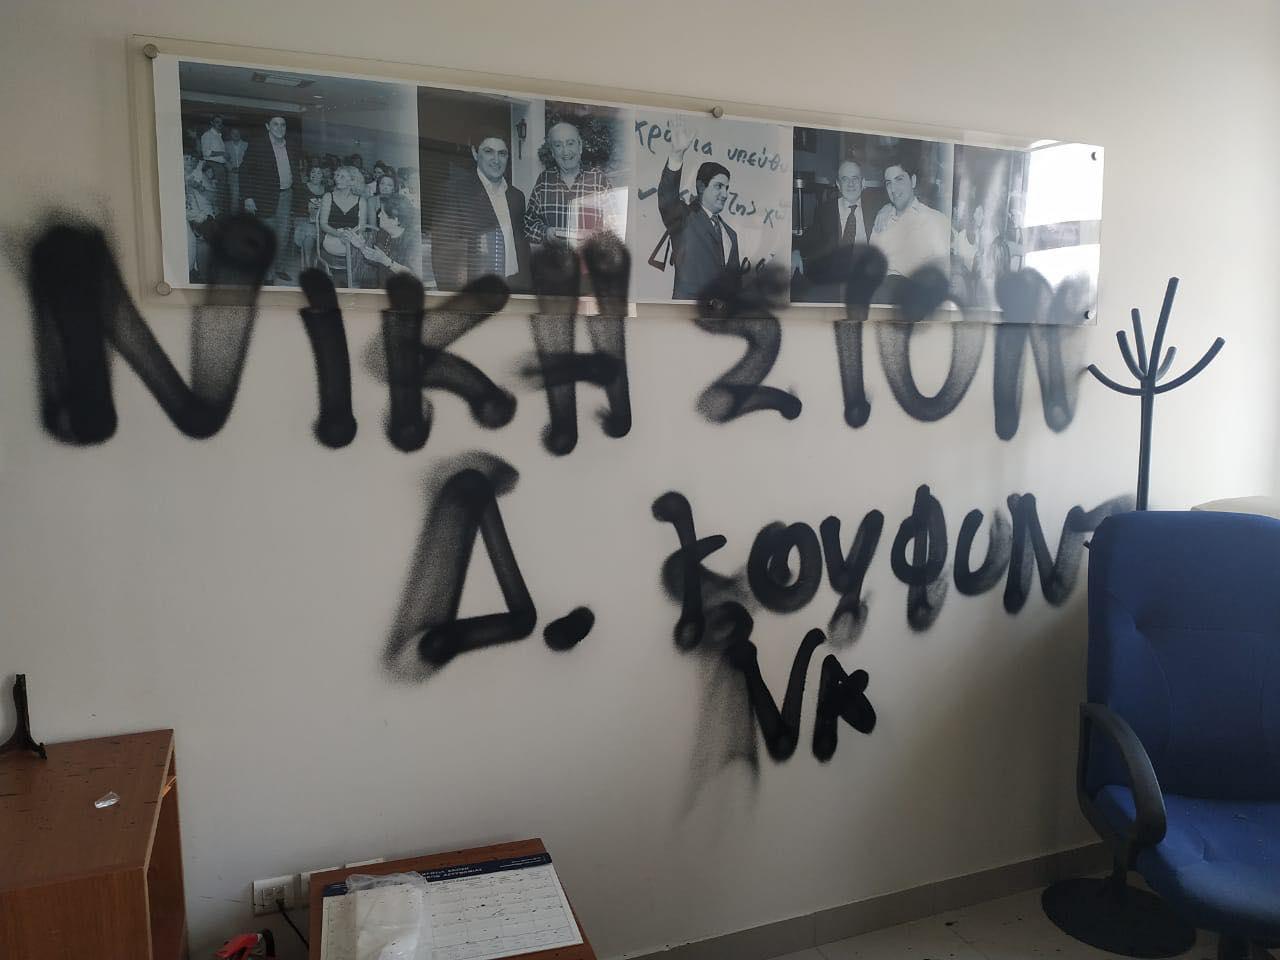 anarxikoi-aygenakis